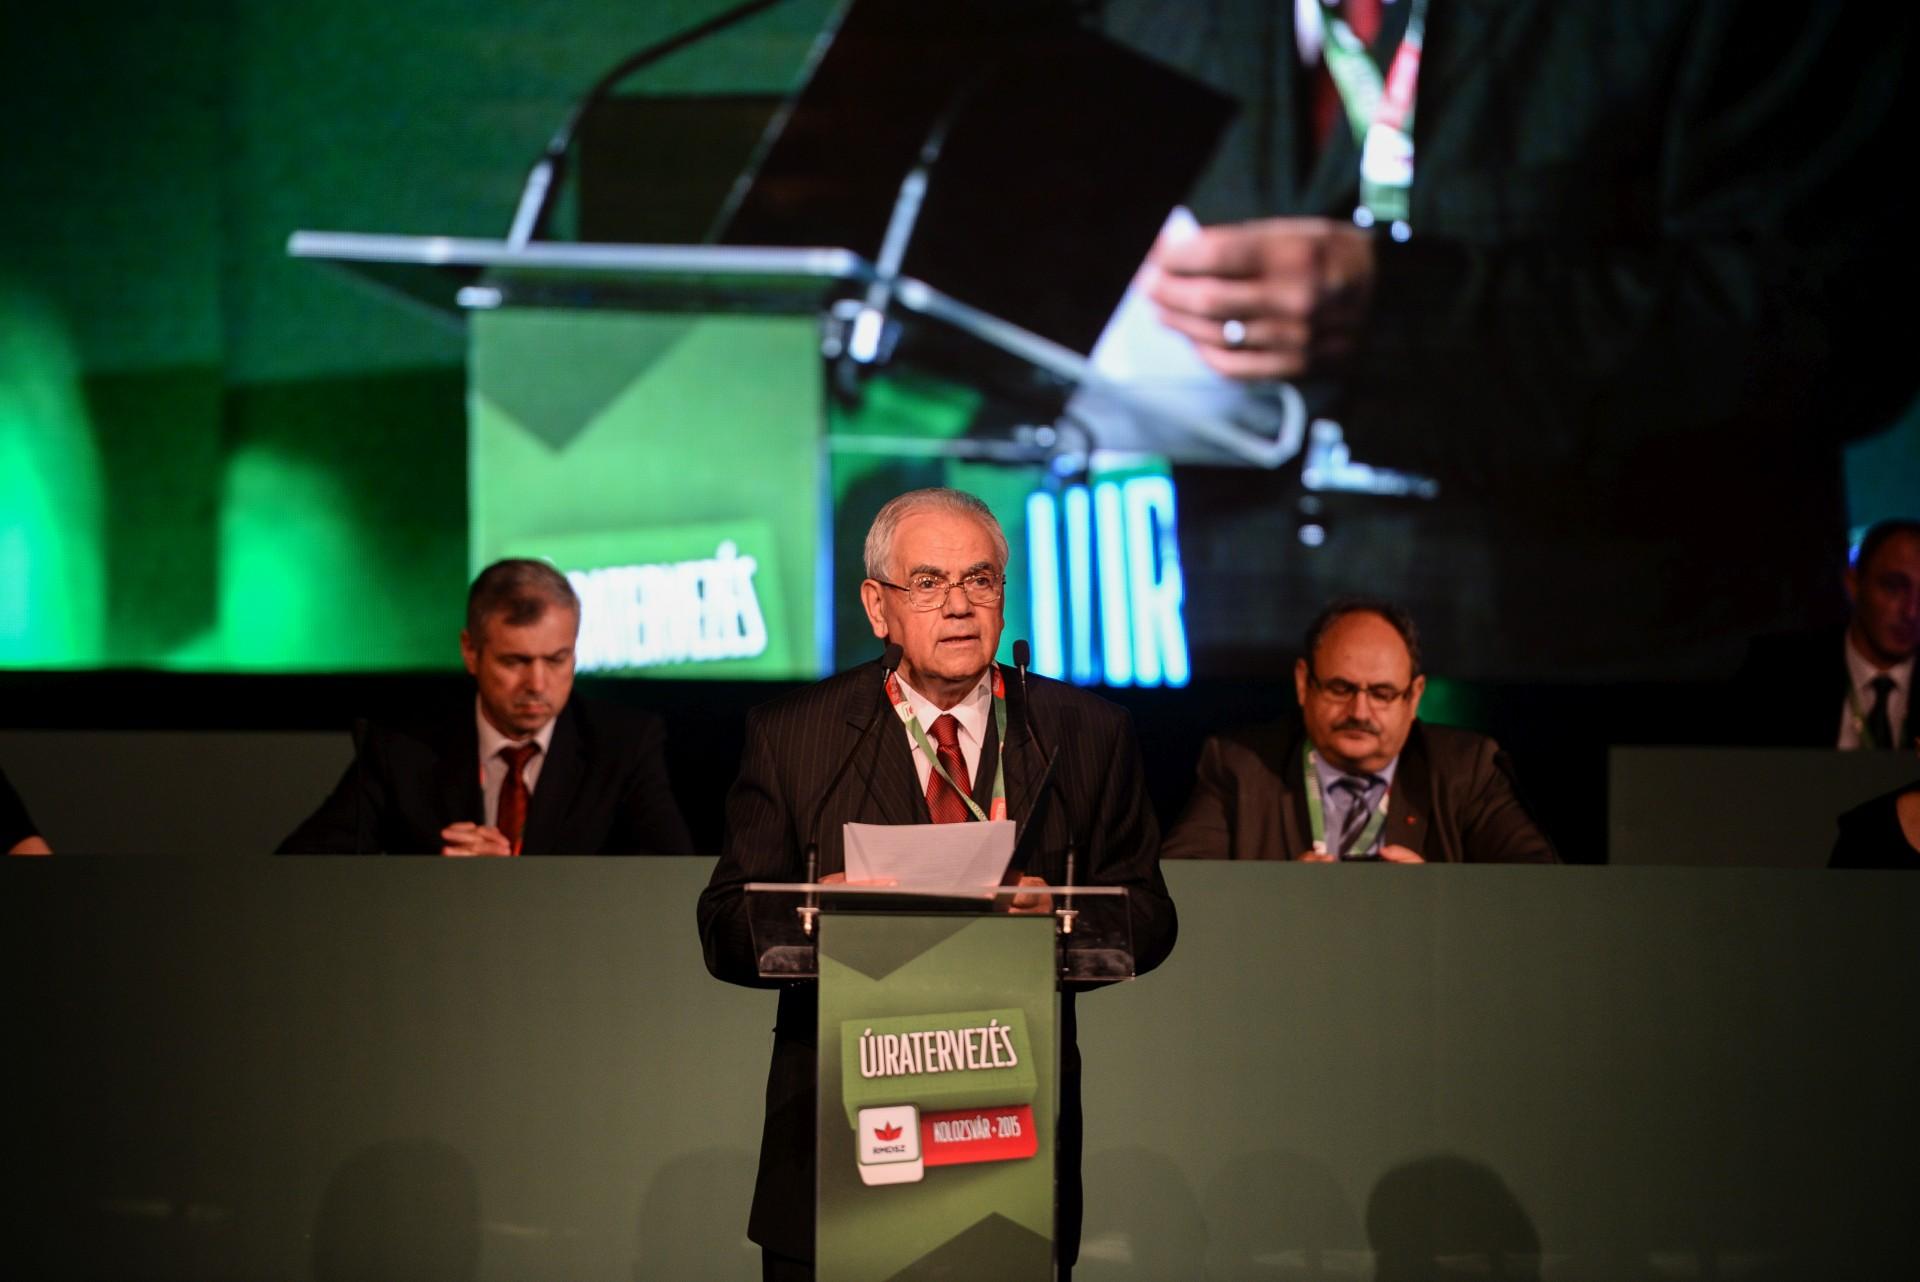 Dézsi Zoltán főgondnok felszólalás az RMDSZ 12. kolozsvári kongresszusán